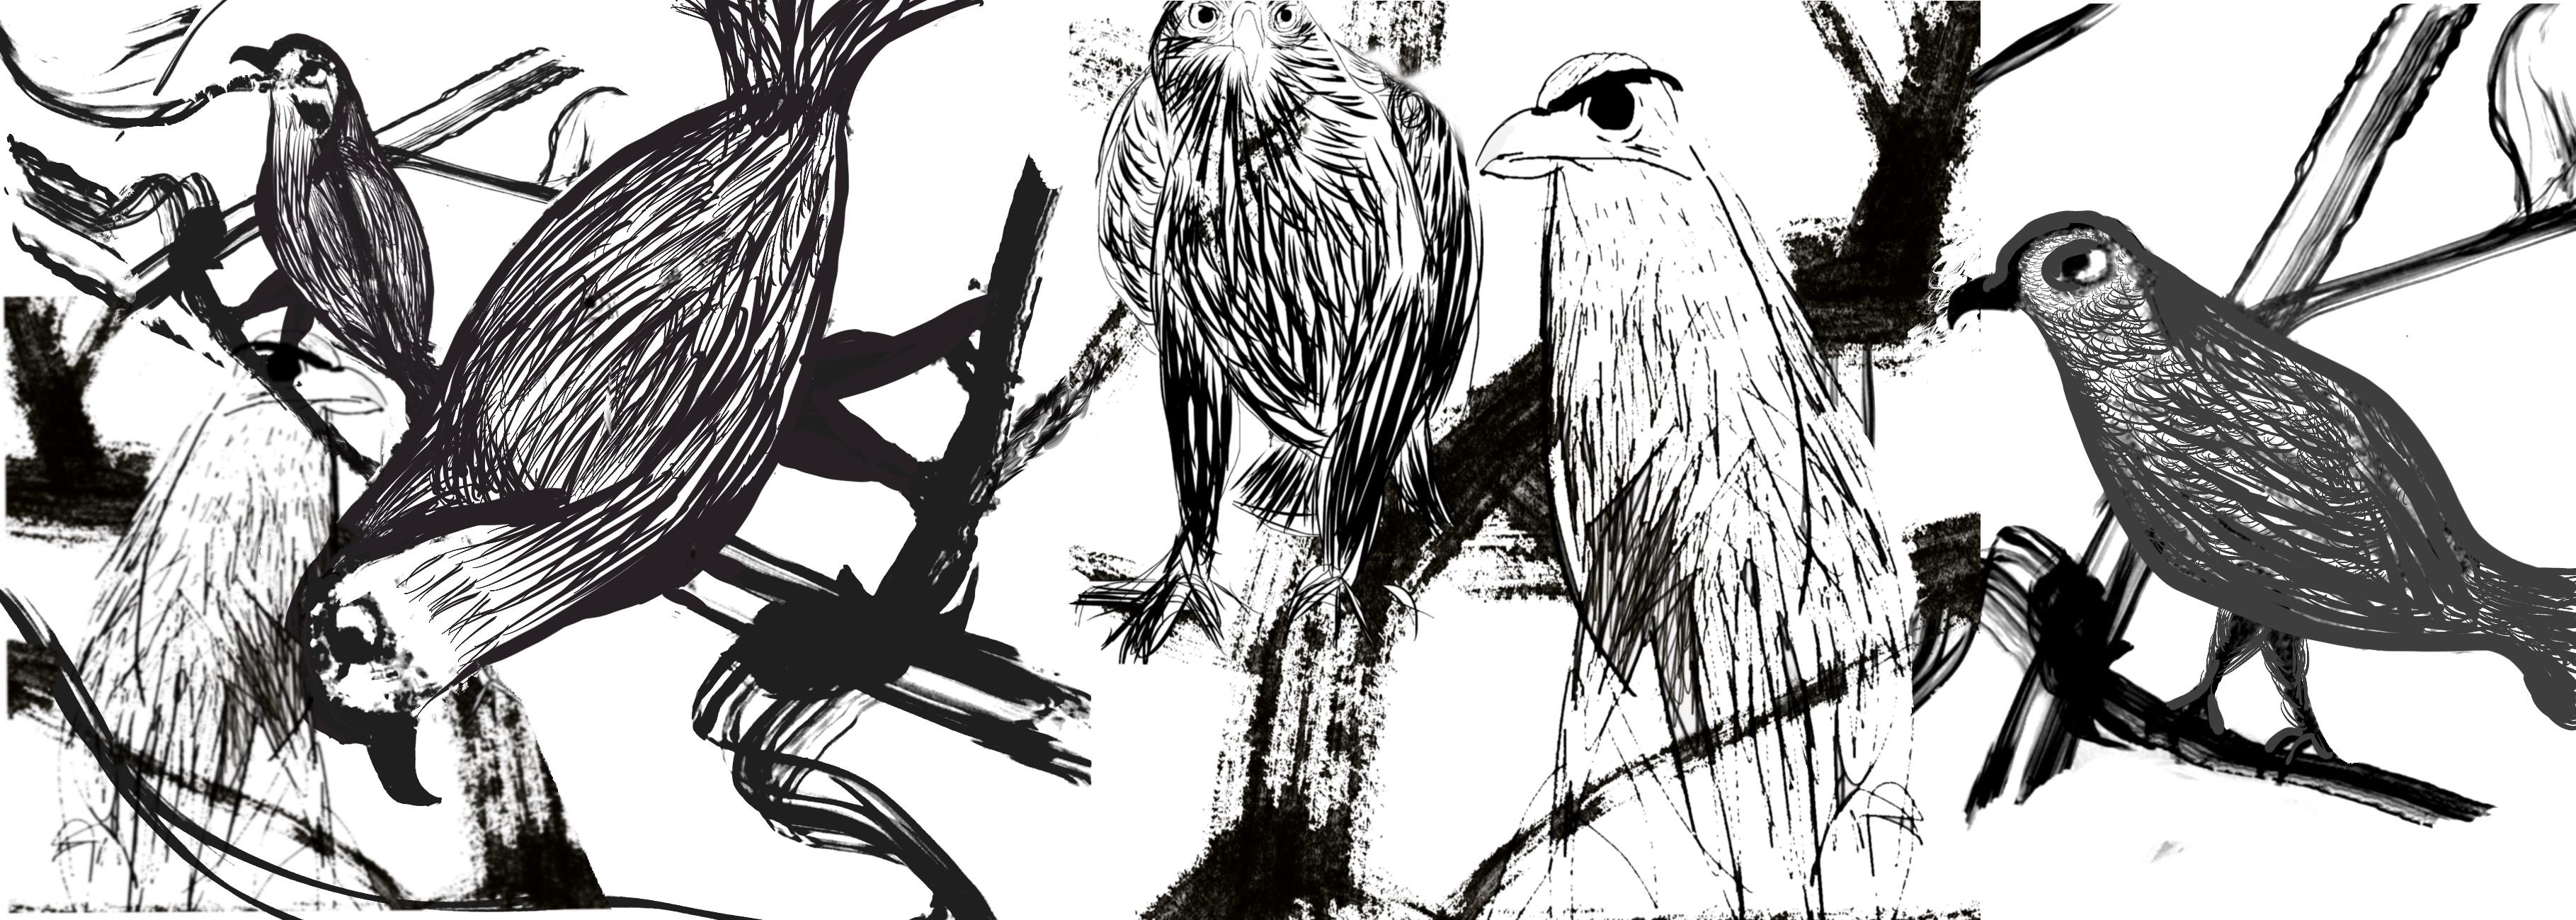 Many_Birds